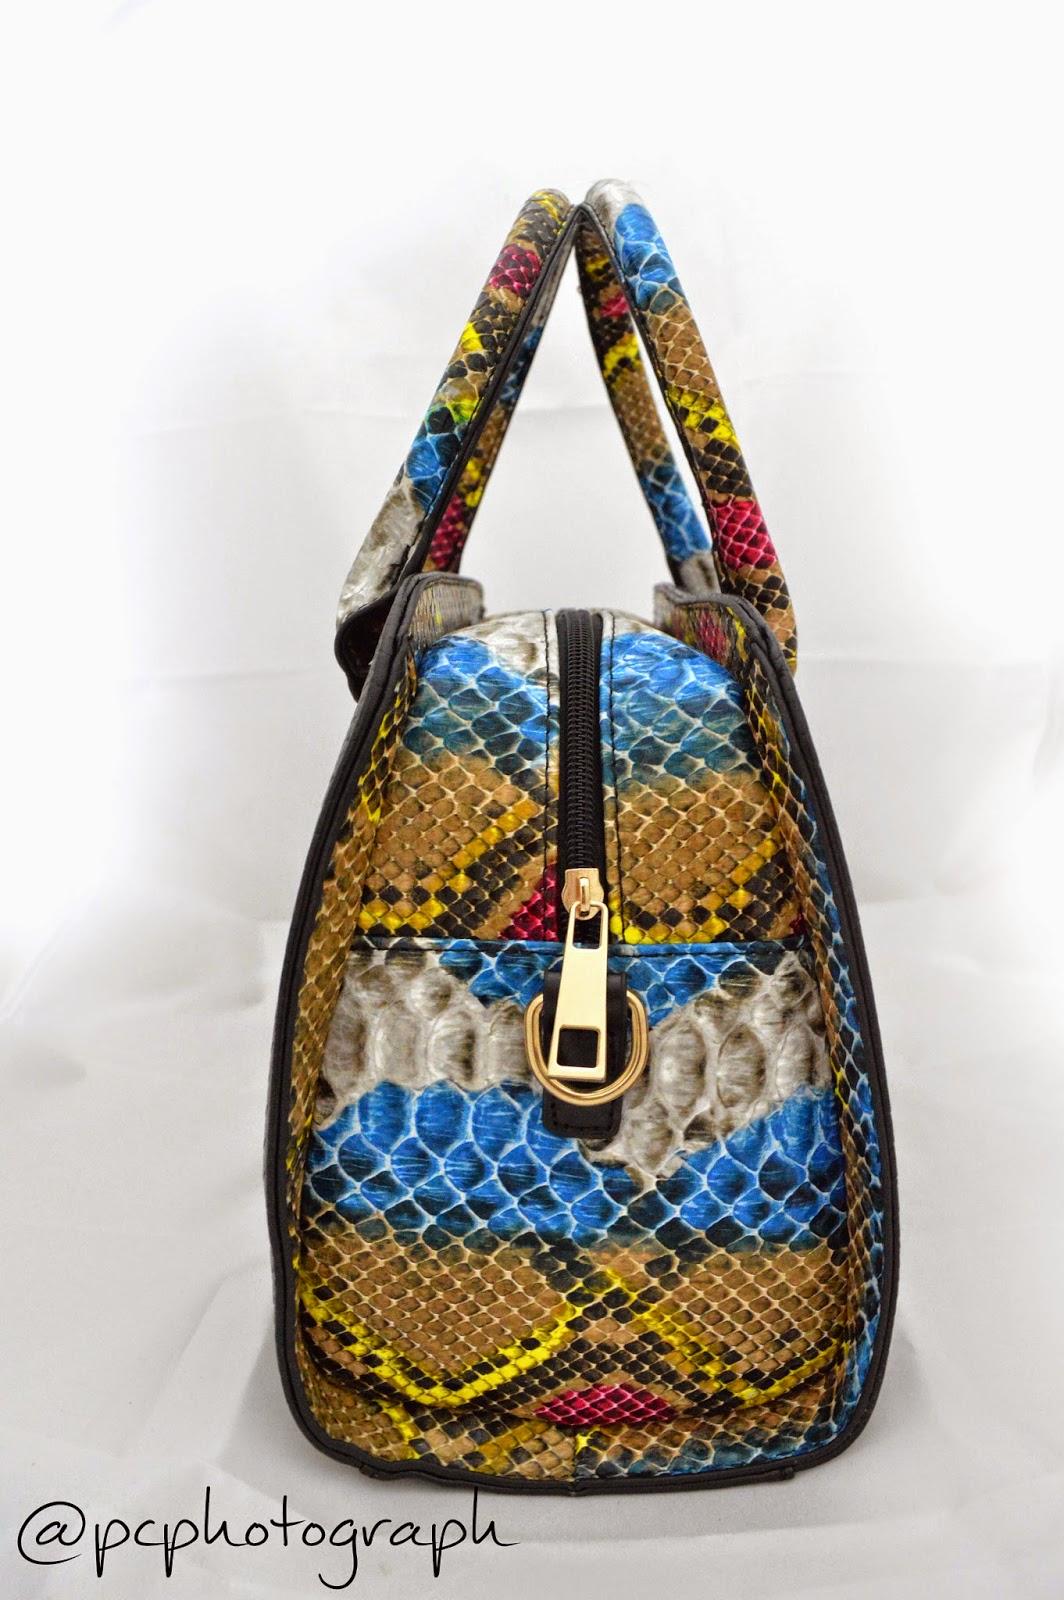 agen tas batam yang menjual berbagai macam tas fashion yang murah dan berkualitas kunjungi kami lebih lanjut